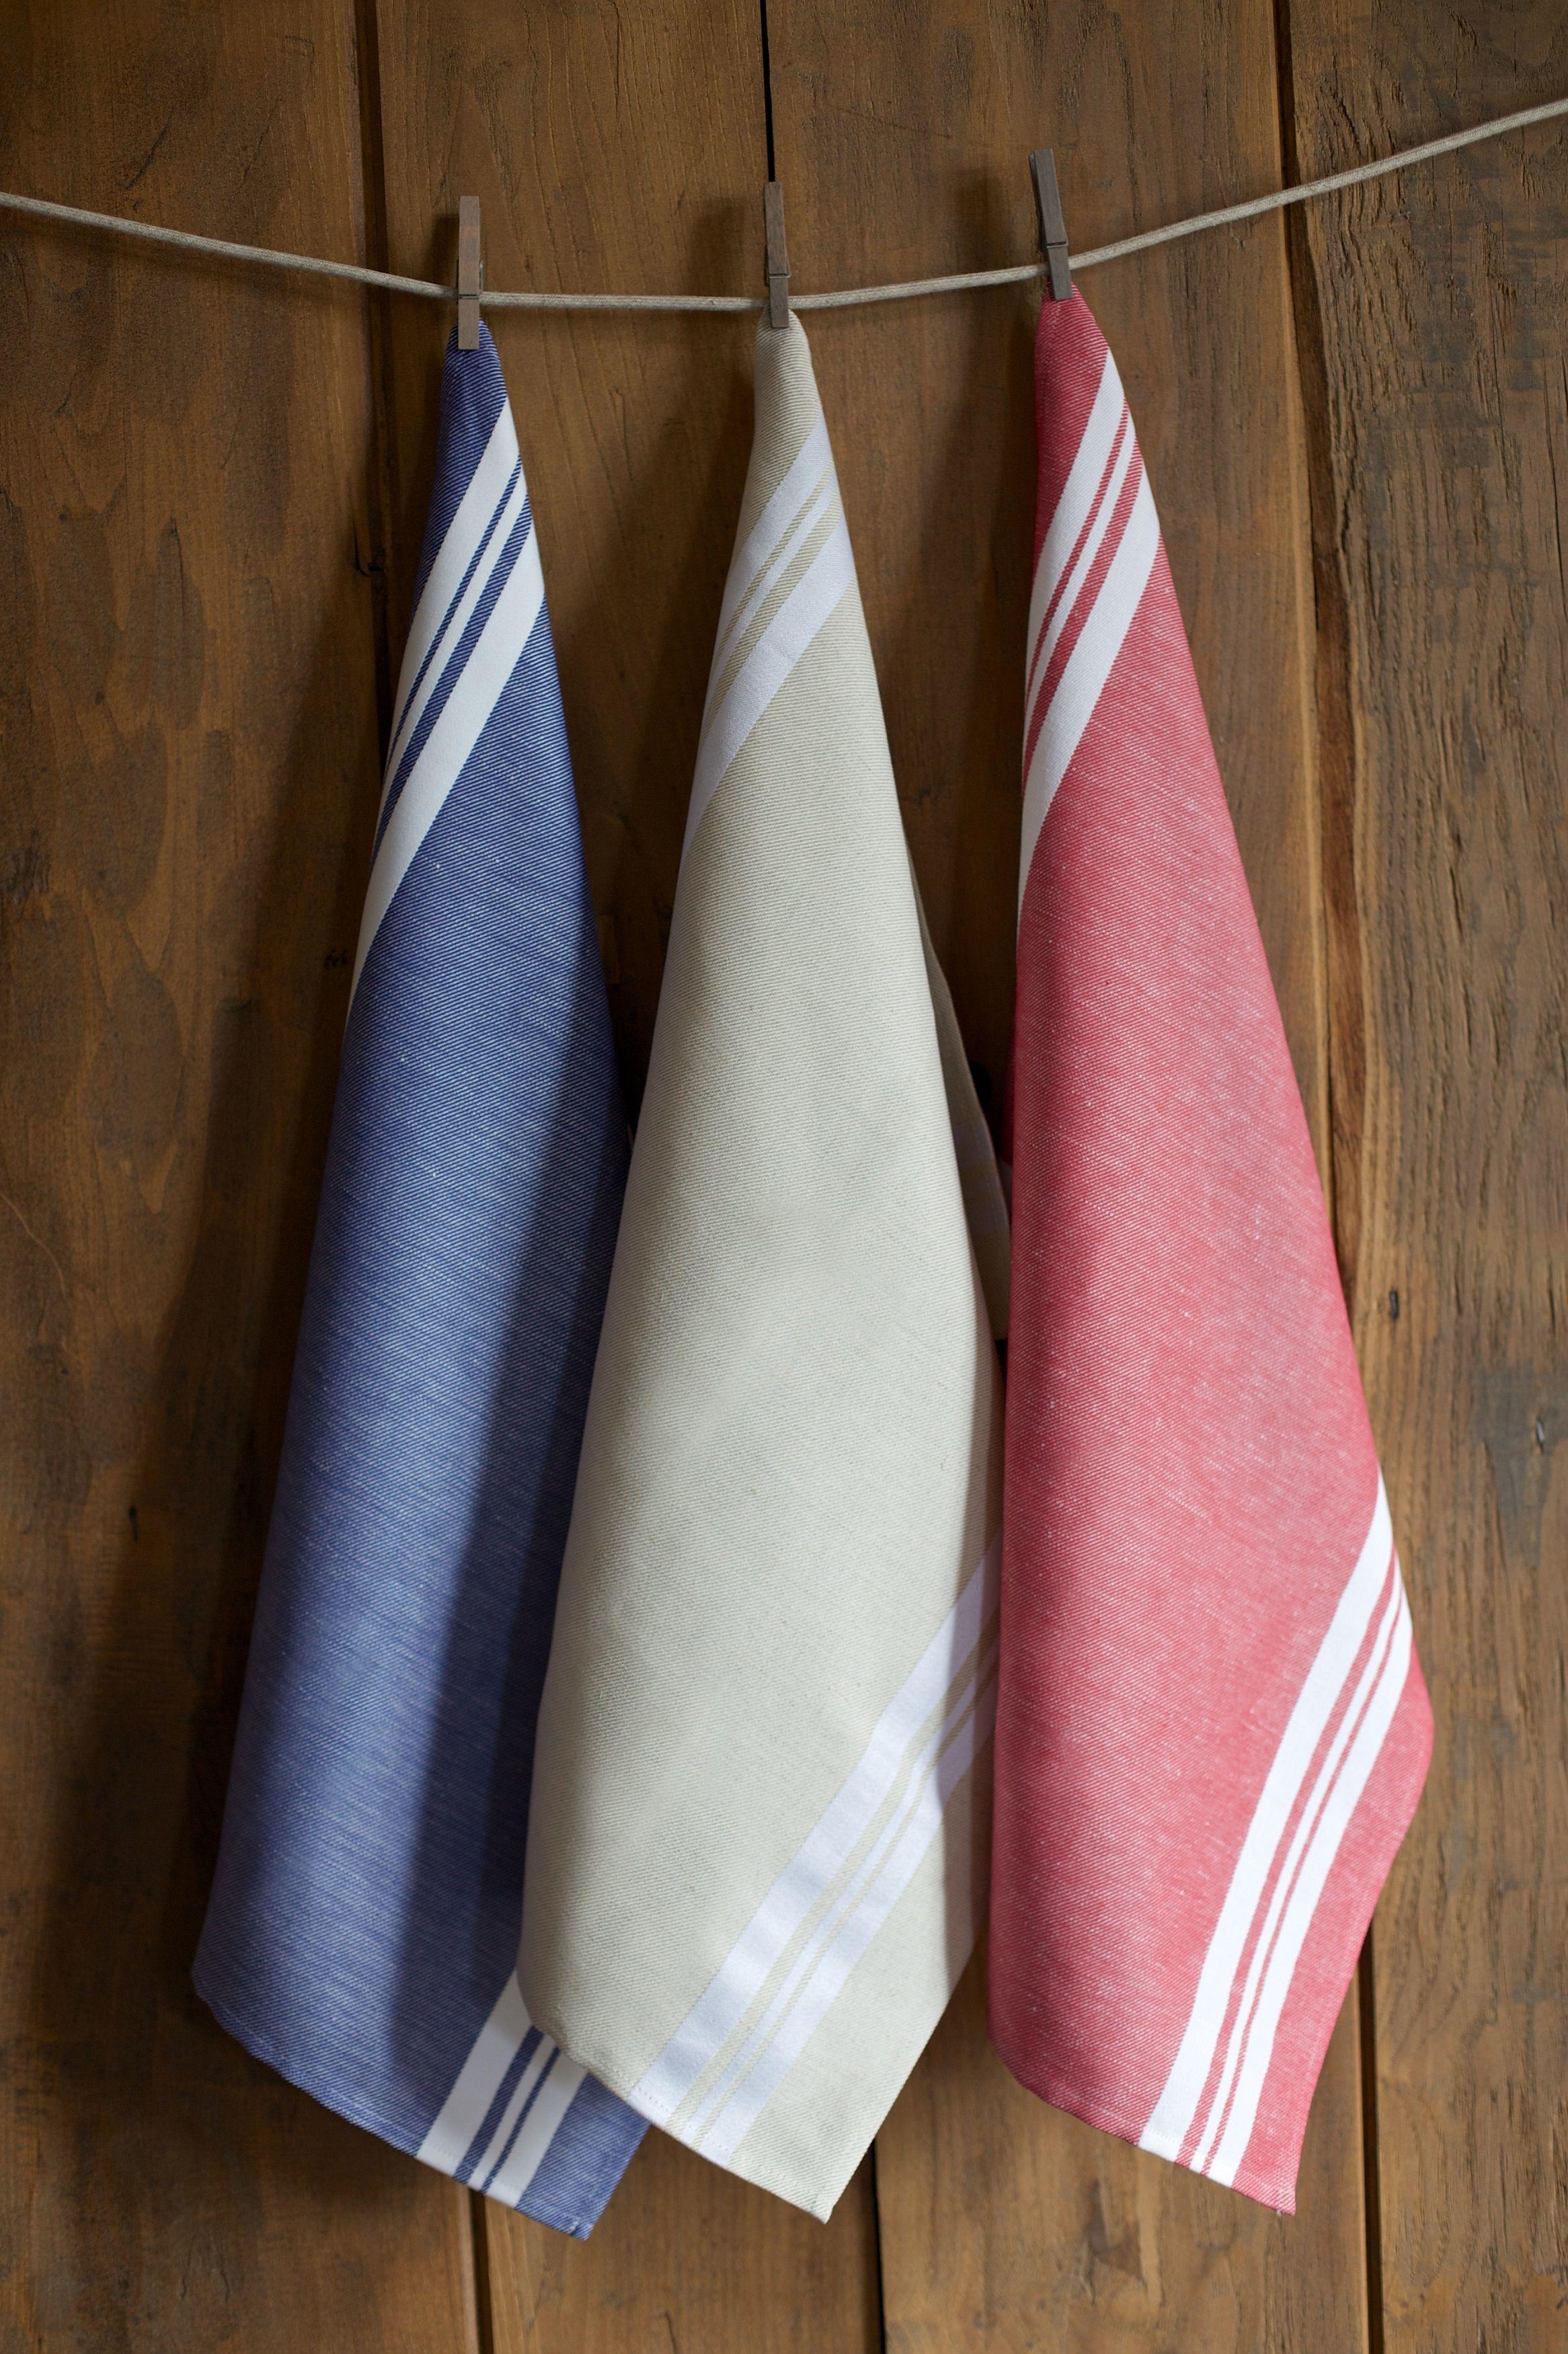 Torchons coton Jean-Vier St Jean de Luz - Cotton kitchen towels Jean-Vier St Jean de Luz >> http://www.jean-vier.com/